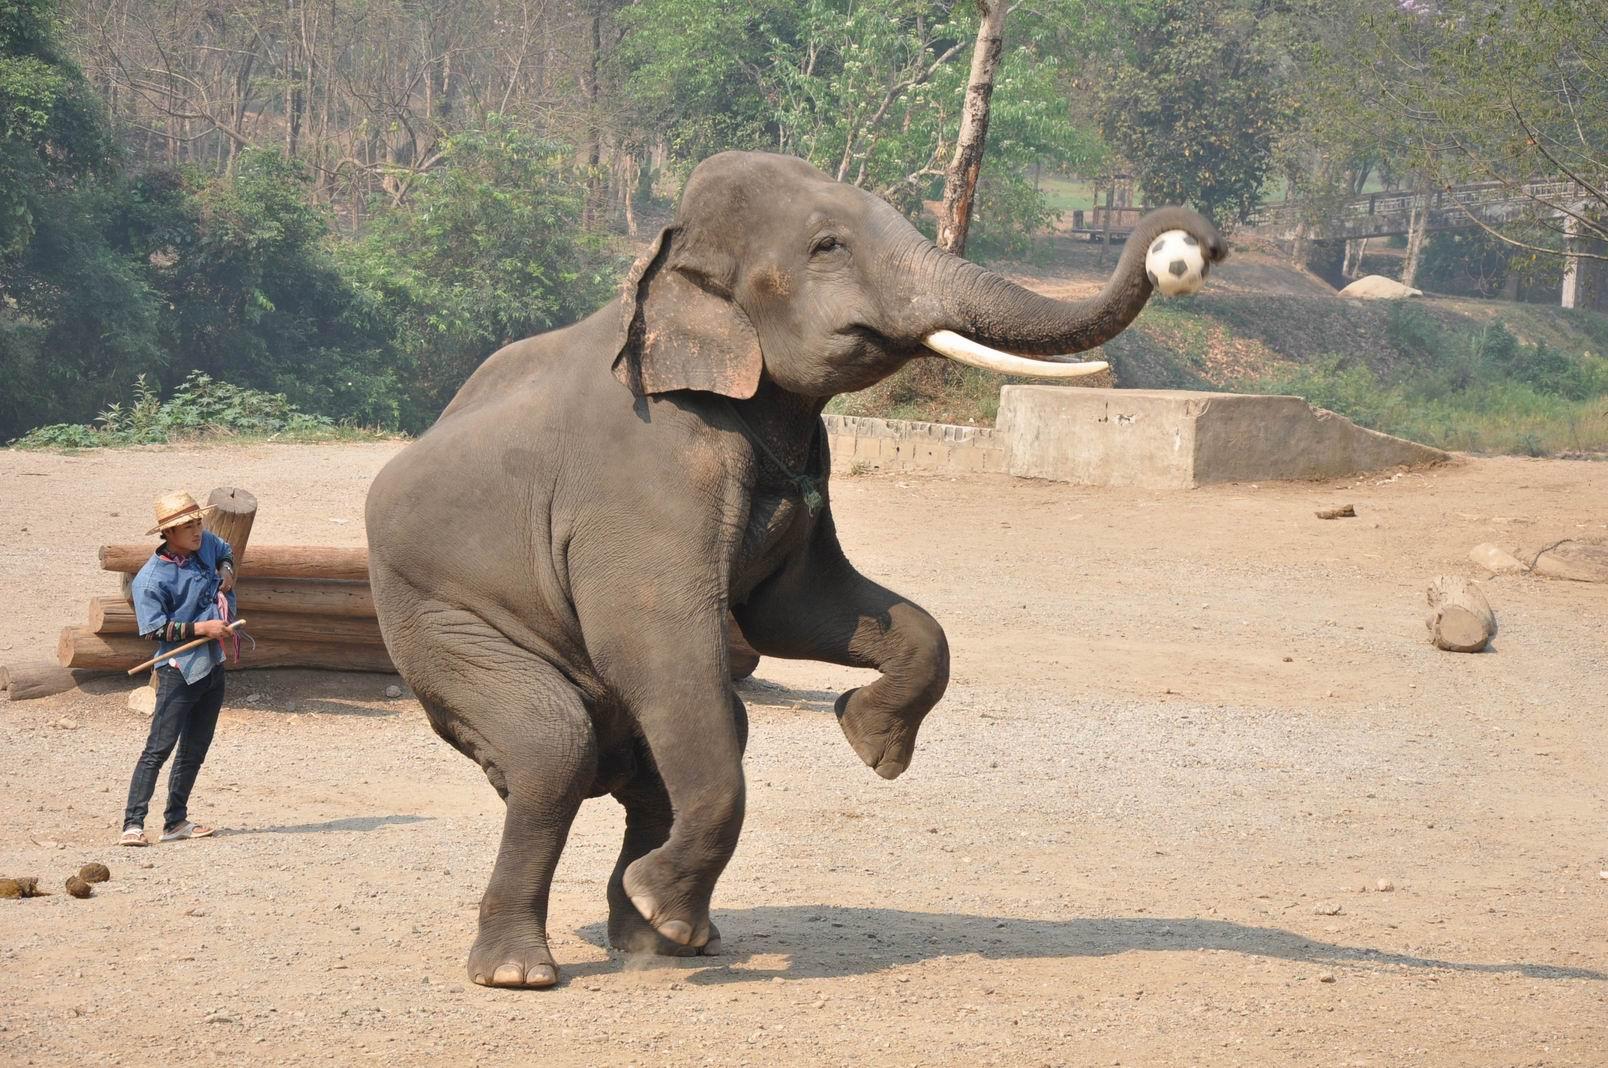 馬沙大象營是清邁最大的大象訓練學校,位于清邁以北約14公里處,共飼養了一百多頭大象。大象營附近有一條河流,四周都是原始森林。 可以騎大象(從愛護動物的角度上不提倡)以及看大象表演。在網上查了一下,網友說包雙條車來回400B左右。我就按照這個價格去談。司機開價500B單程,果斷砍到400B來回,最後司機同意了,返回的時候一起付款。路程約30-40分鐘,非常遠,上山的路彎彎曲曲,往來的車又多,大家還是不要自己騎車,不太安全。大象表演每天2次,早上9:30 和 下午1點多,如需觀看早上的表演,最好在9點到達。可